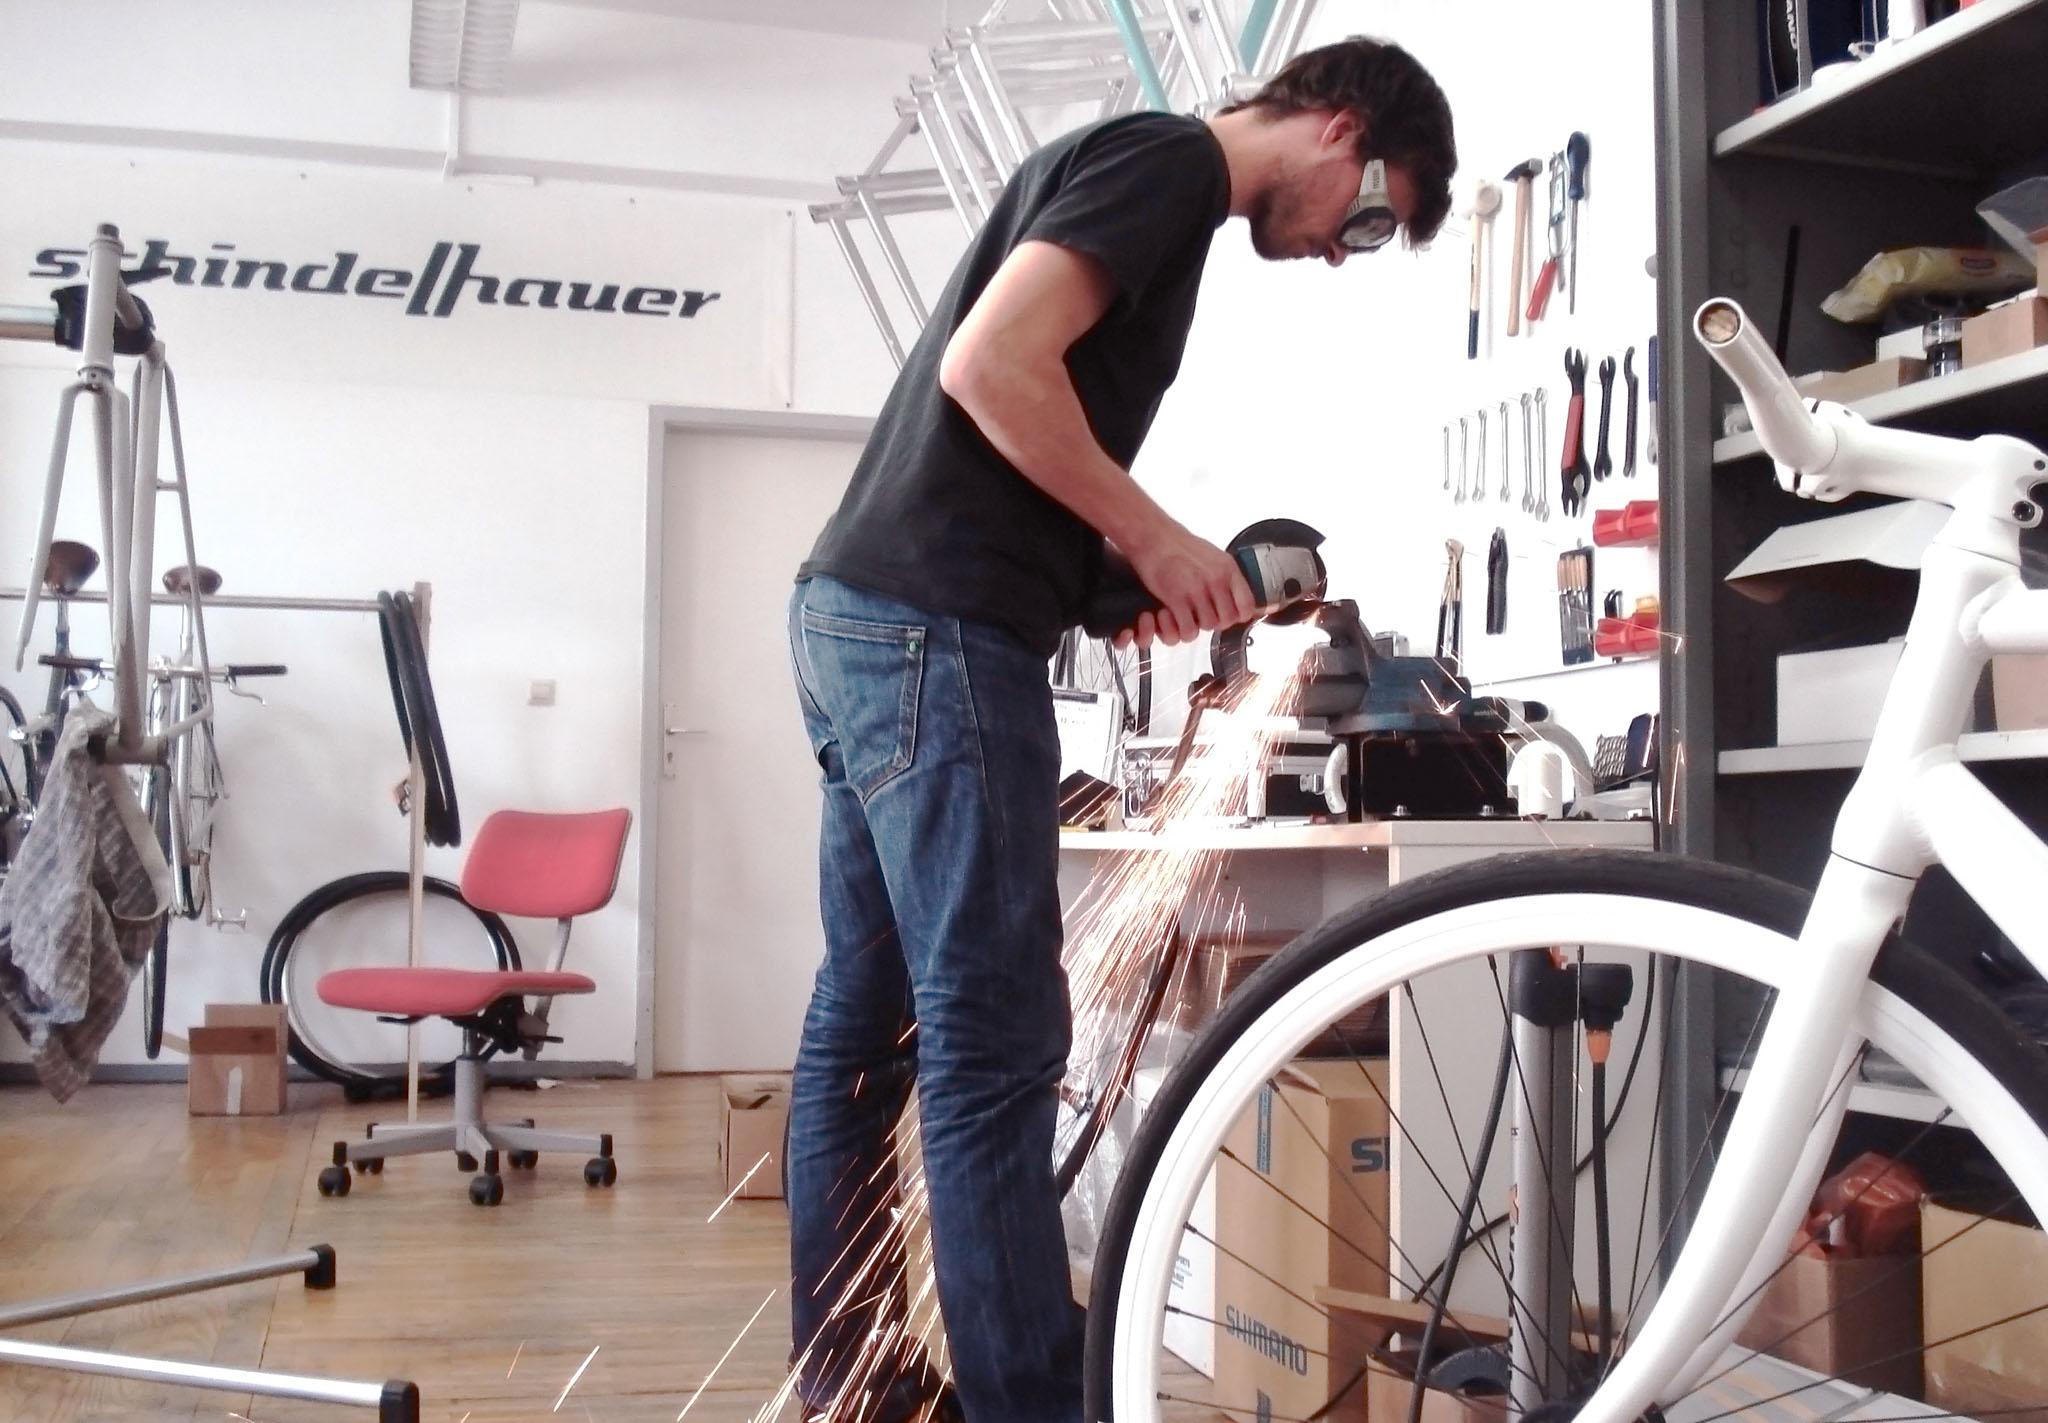 Jörg Schindelhauer 2009 im Magdeburger Büro